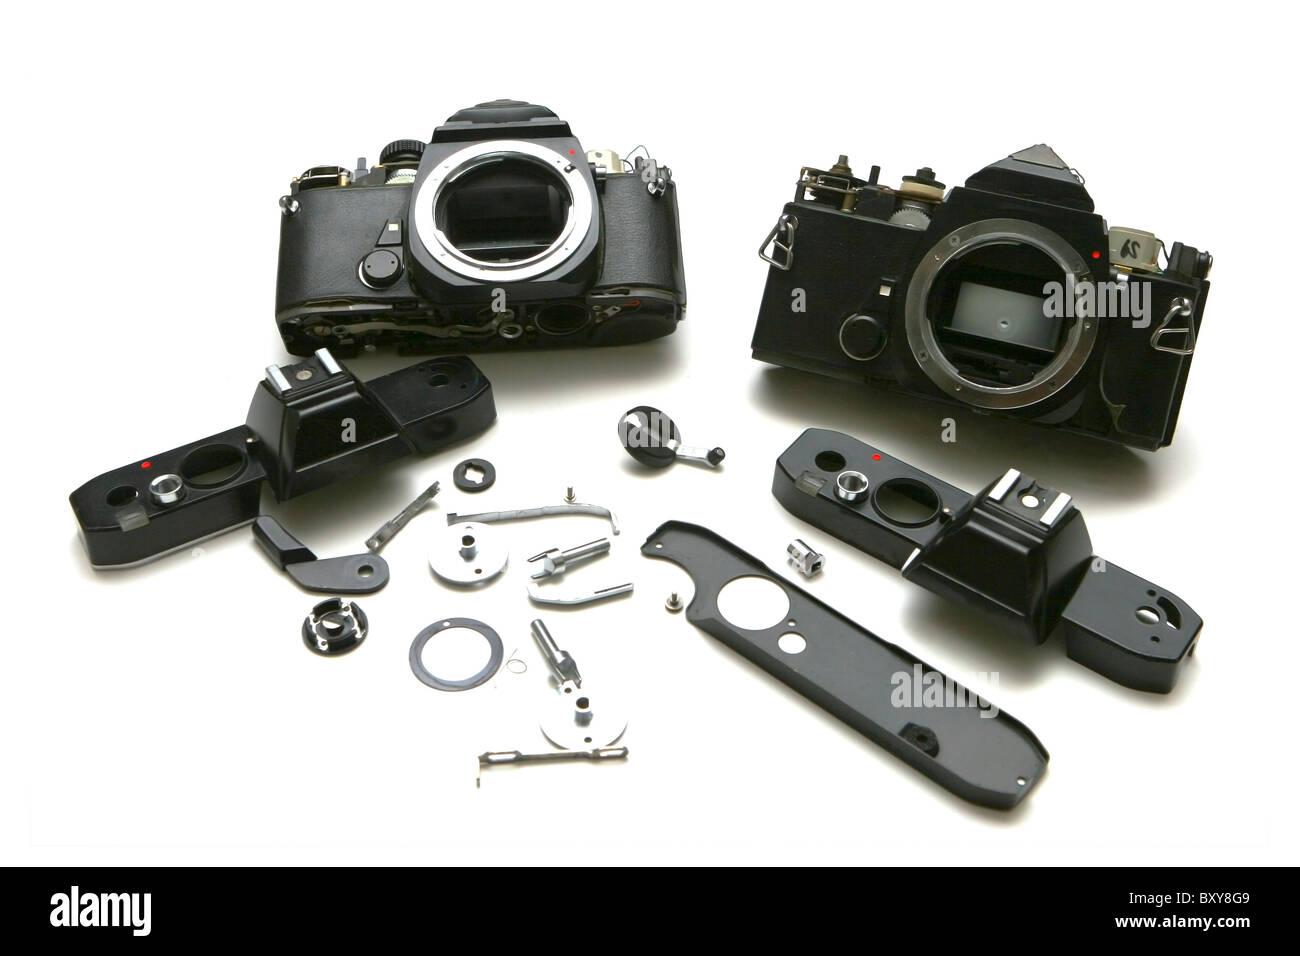 2 film SLR Cameras, disassembled for repair. On White. Branding removed. - Stock Image